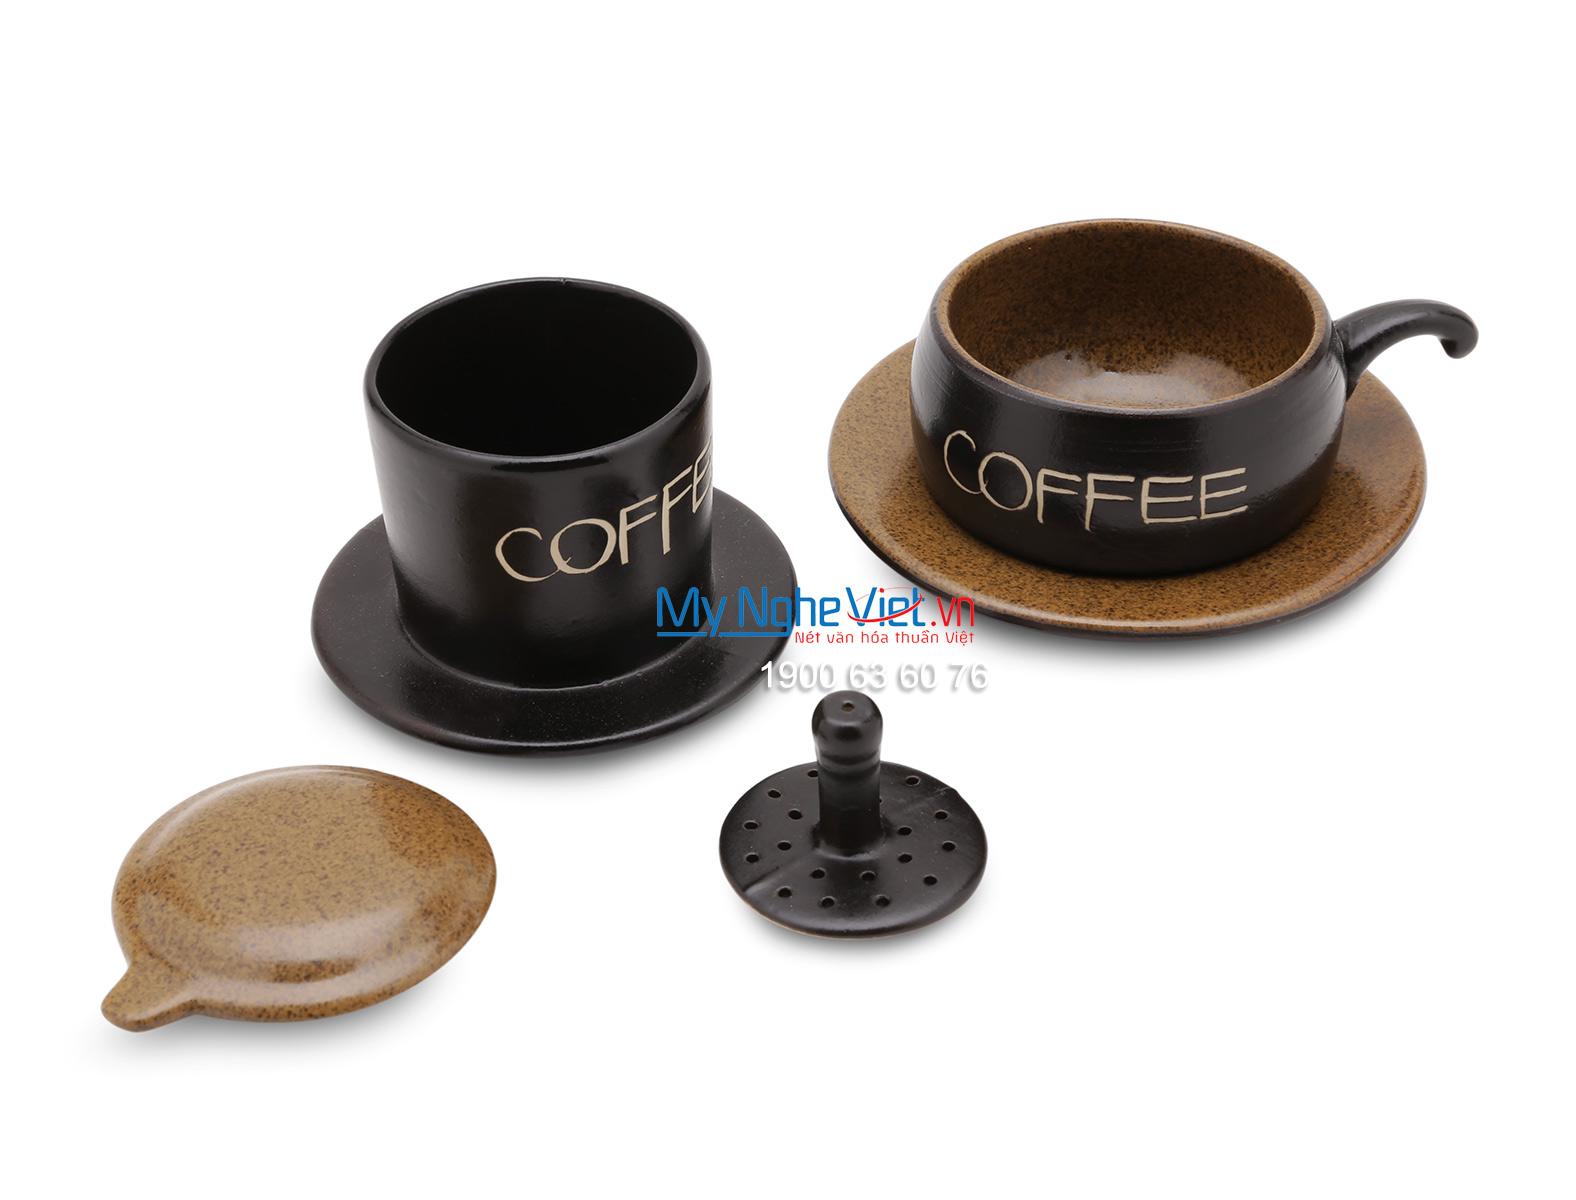 Phin Cafe Gốm Bát Tràng Màu Nâu Thấp MNV-CF001/3